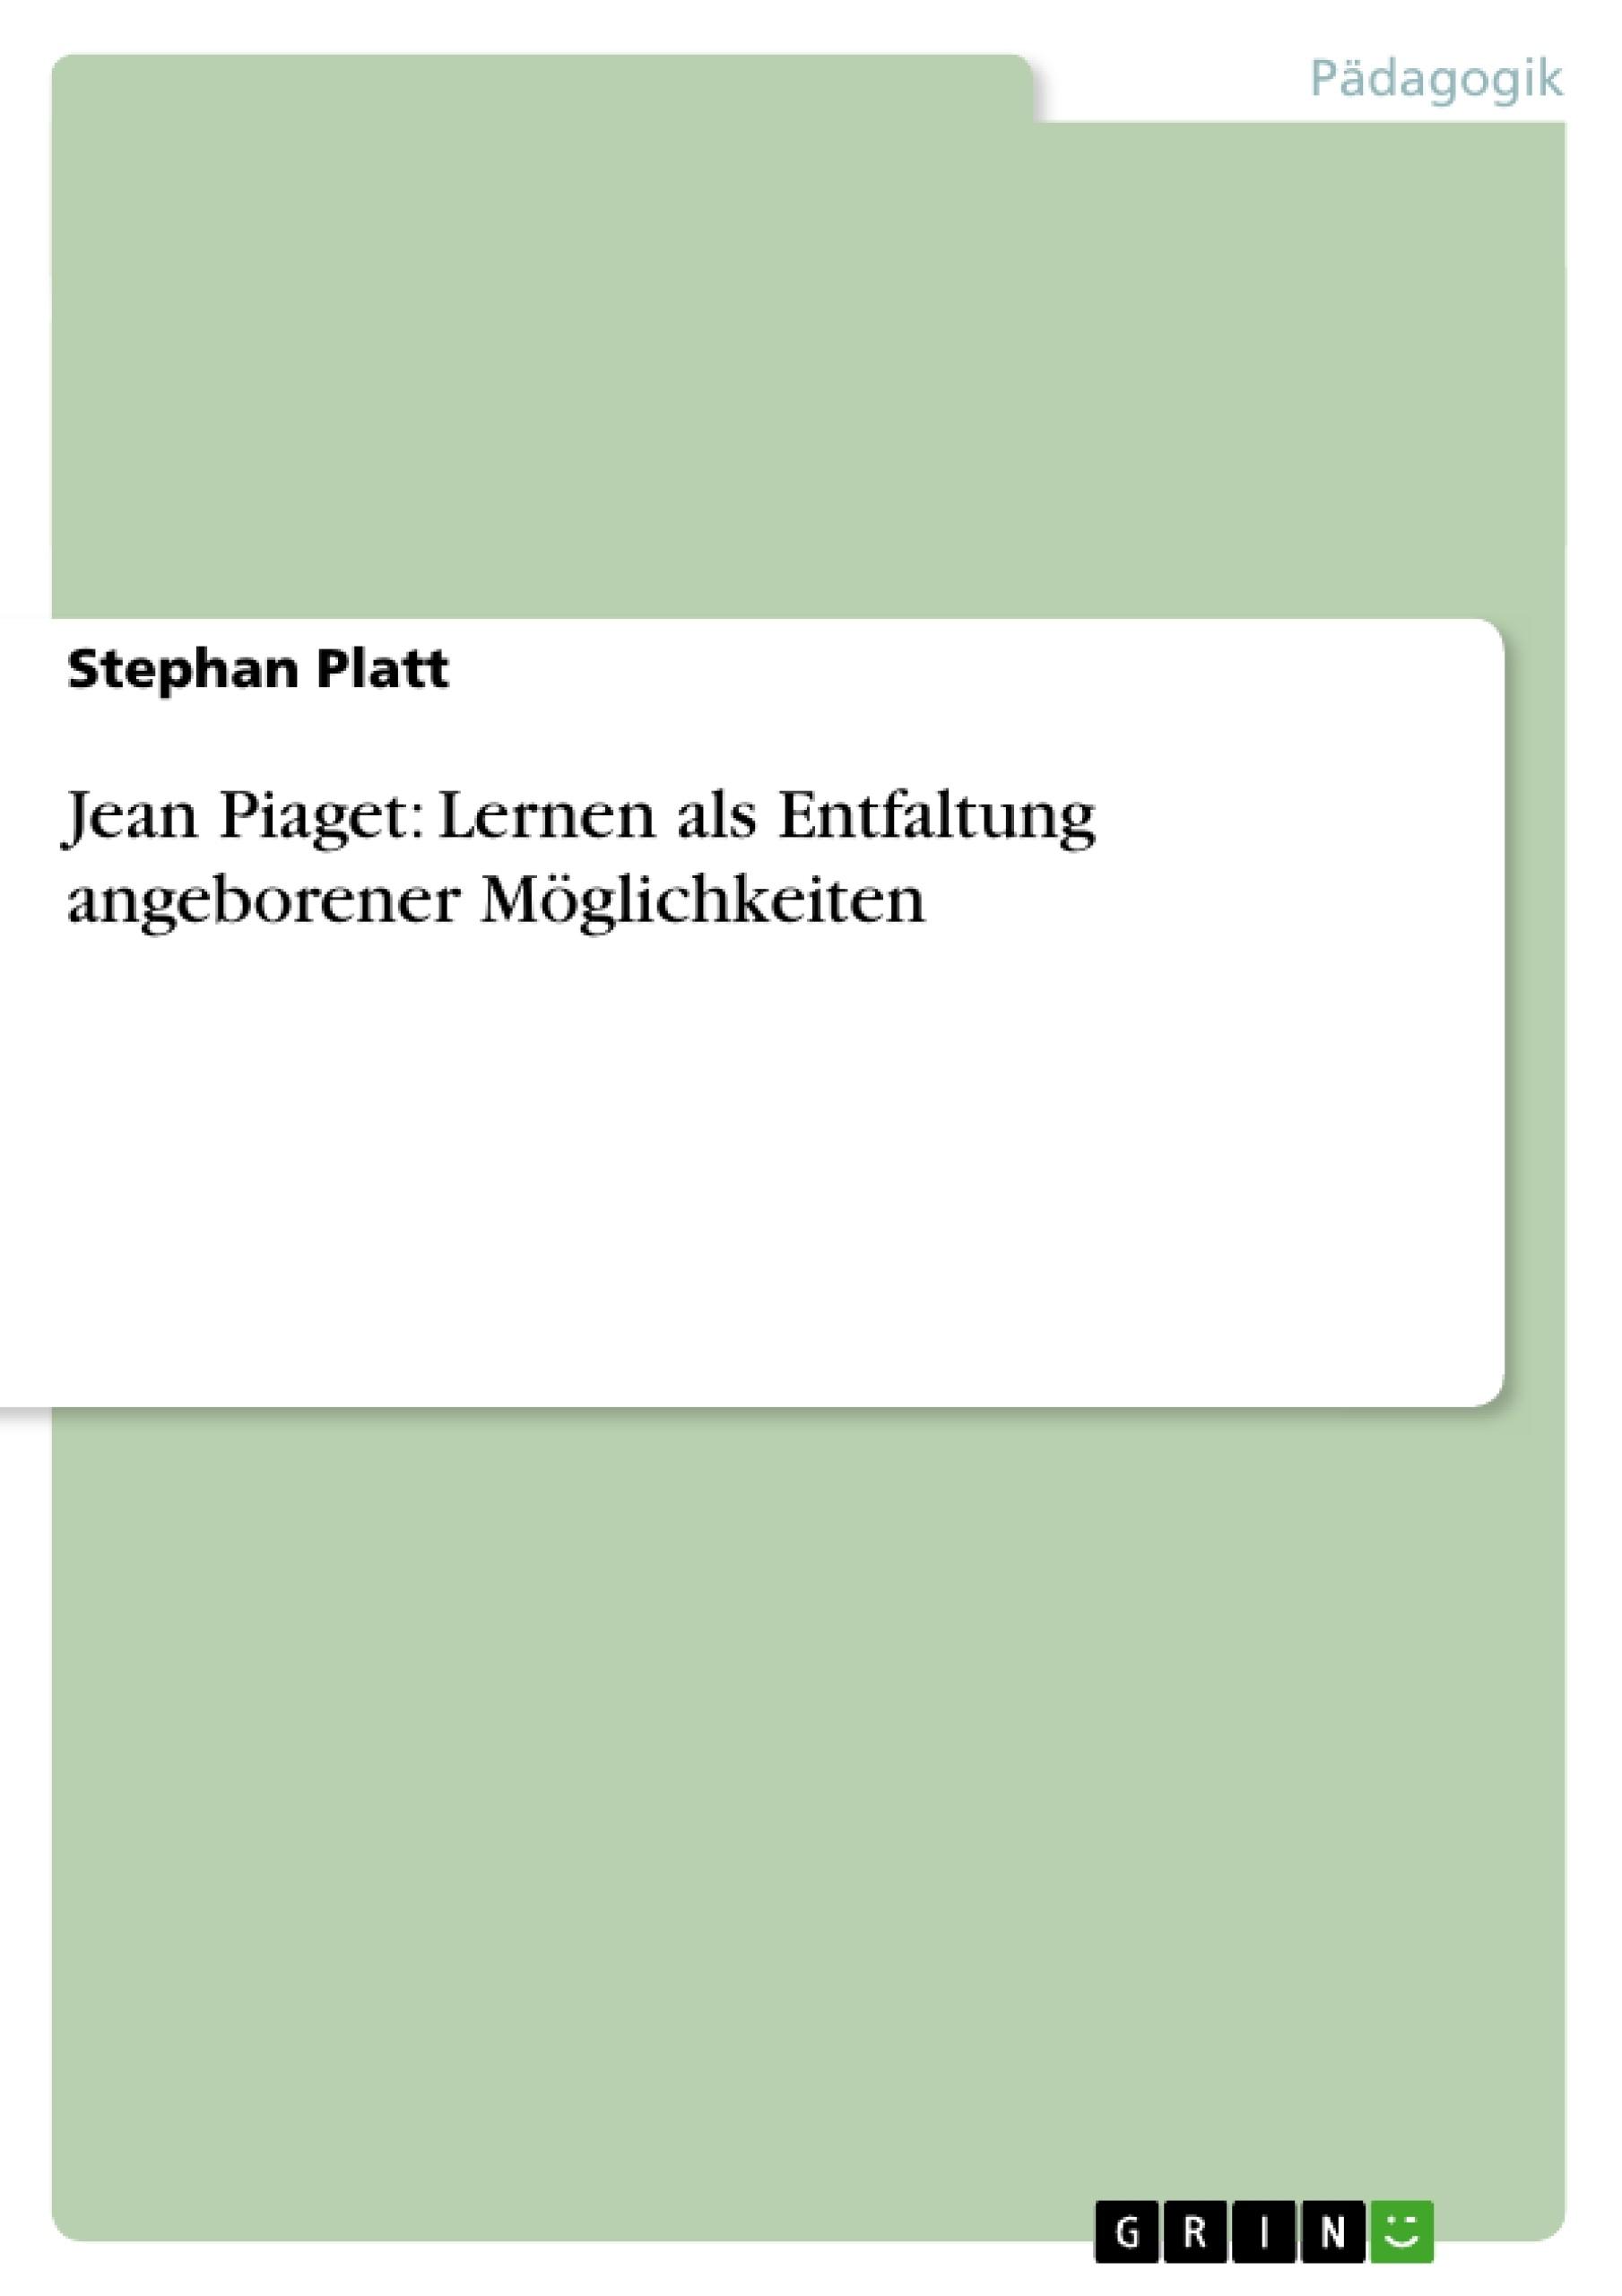 Titel: Jean Piaget: Lernen als Entfaltung angeborener Möglichkeiten